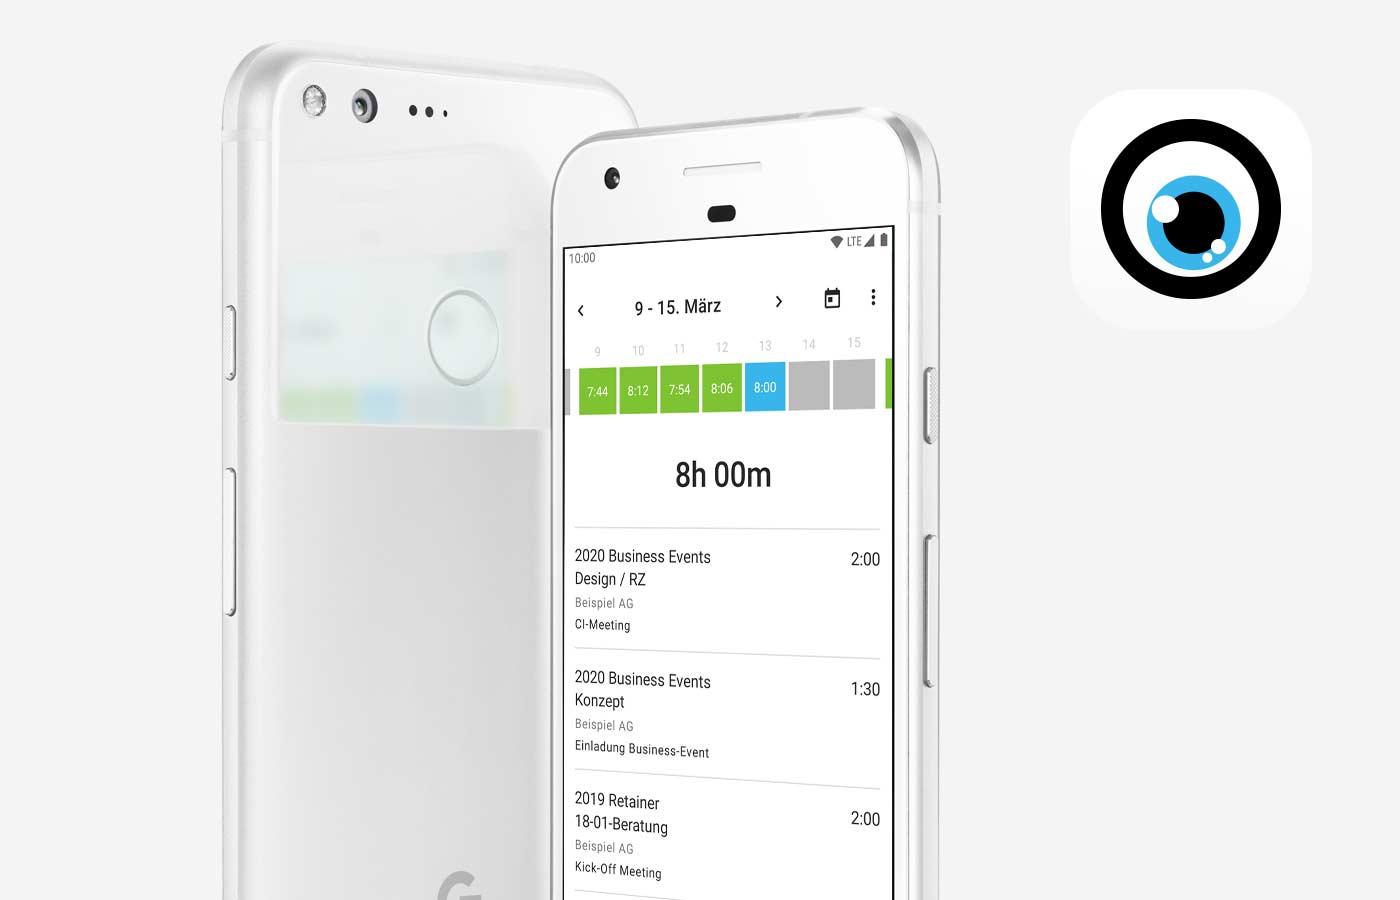 MOCO Agenturosftware Mobile App Android